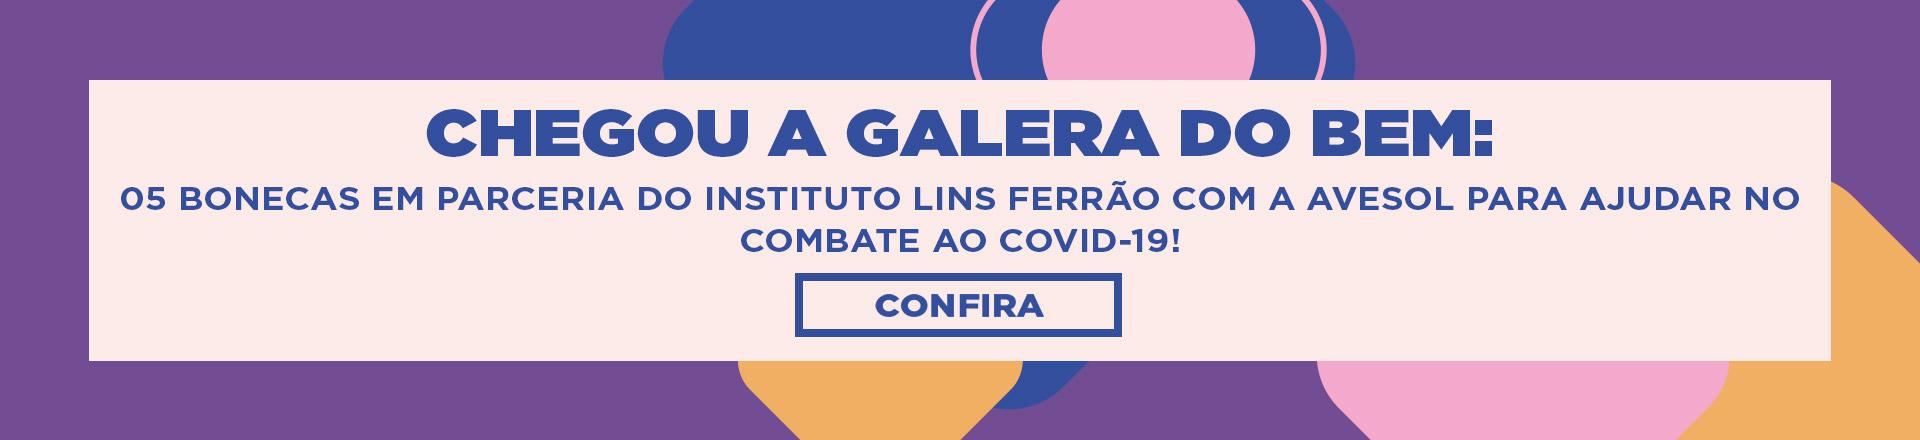 (DESK) Camisetas Covid / Galera do Bem